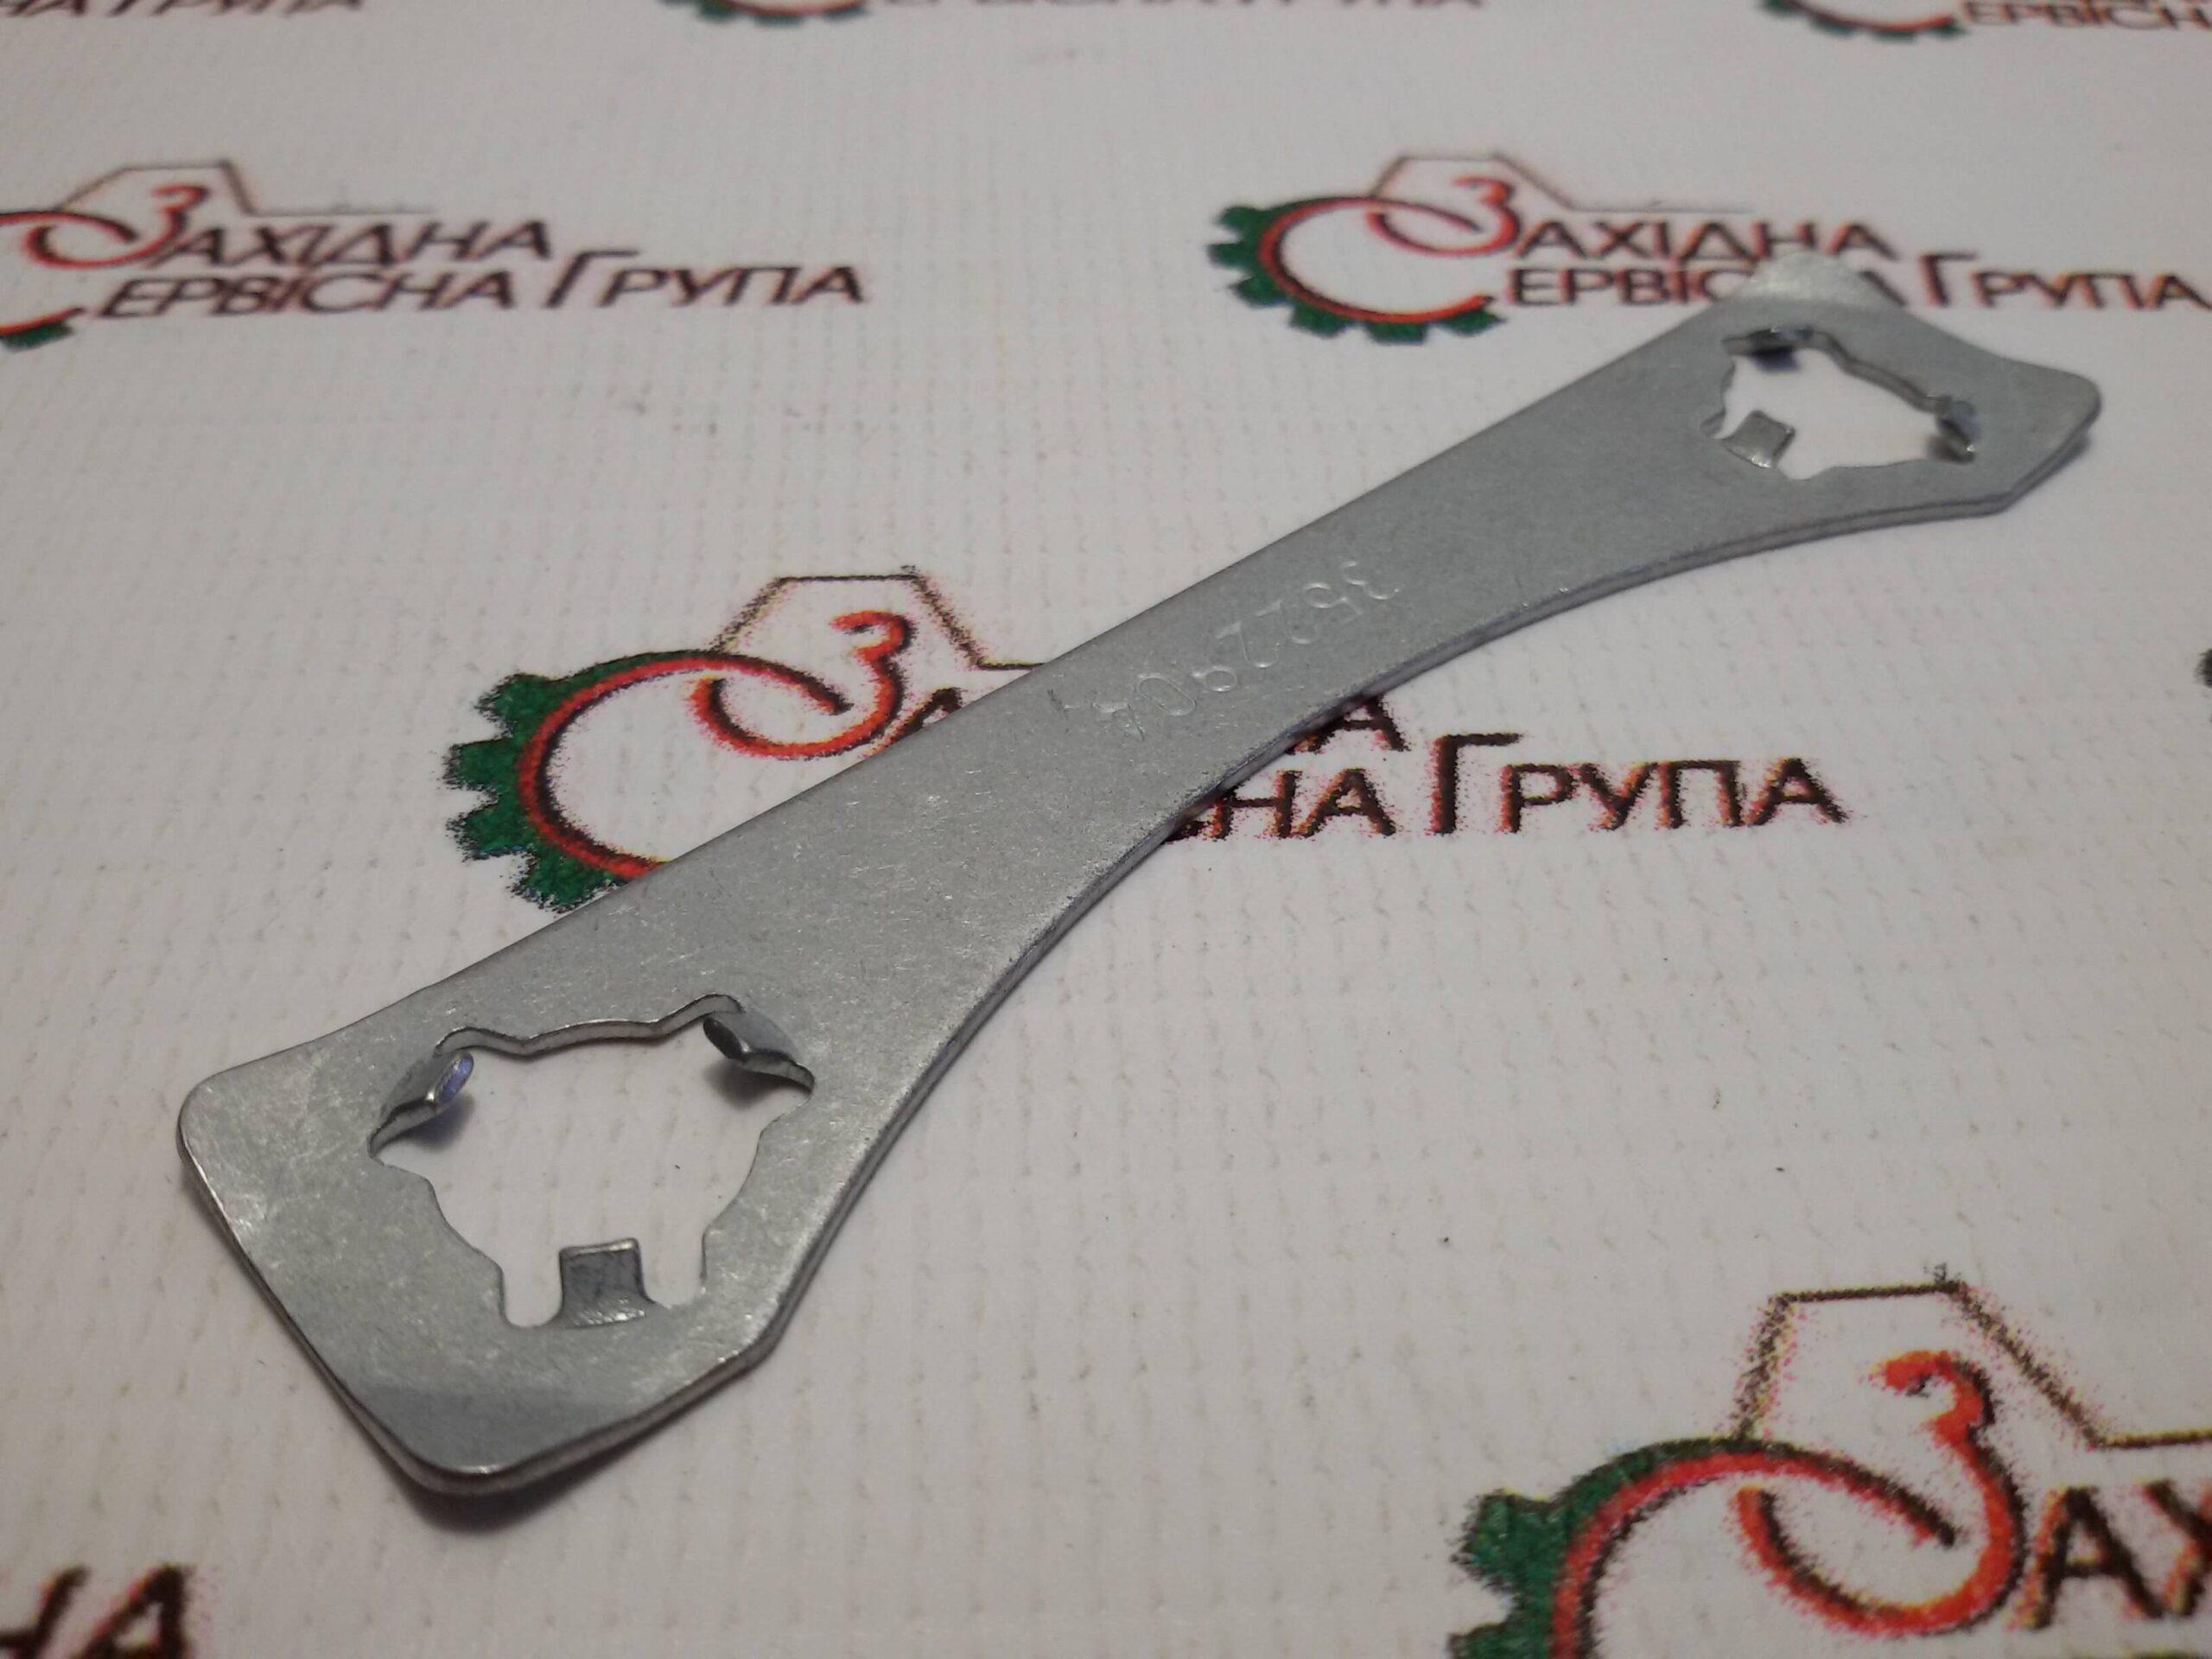 Стопорная пластина болтов турбокомпрессора Cummins KTA19, 3522904.